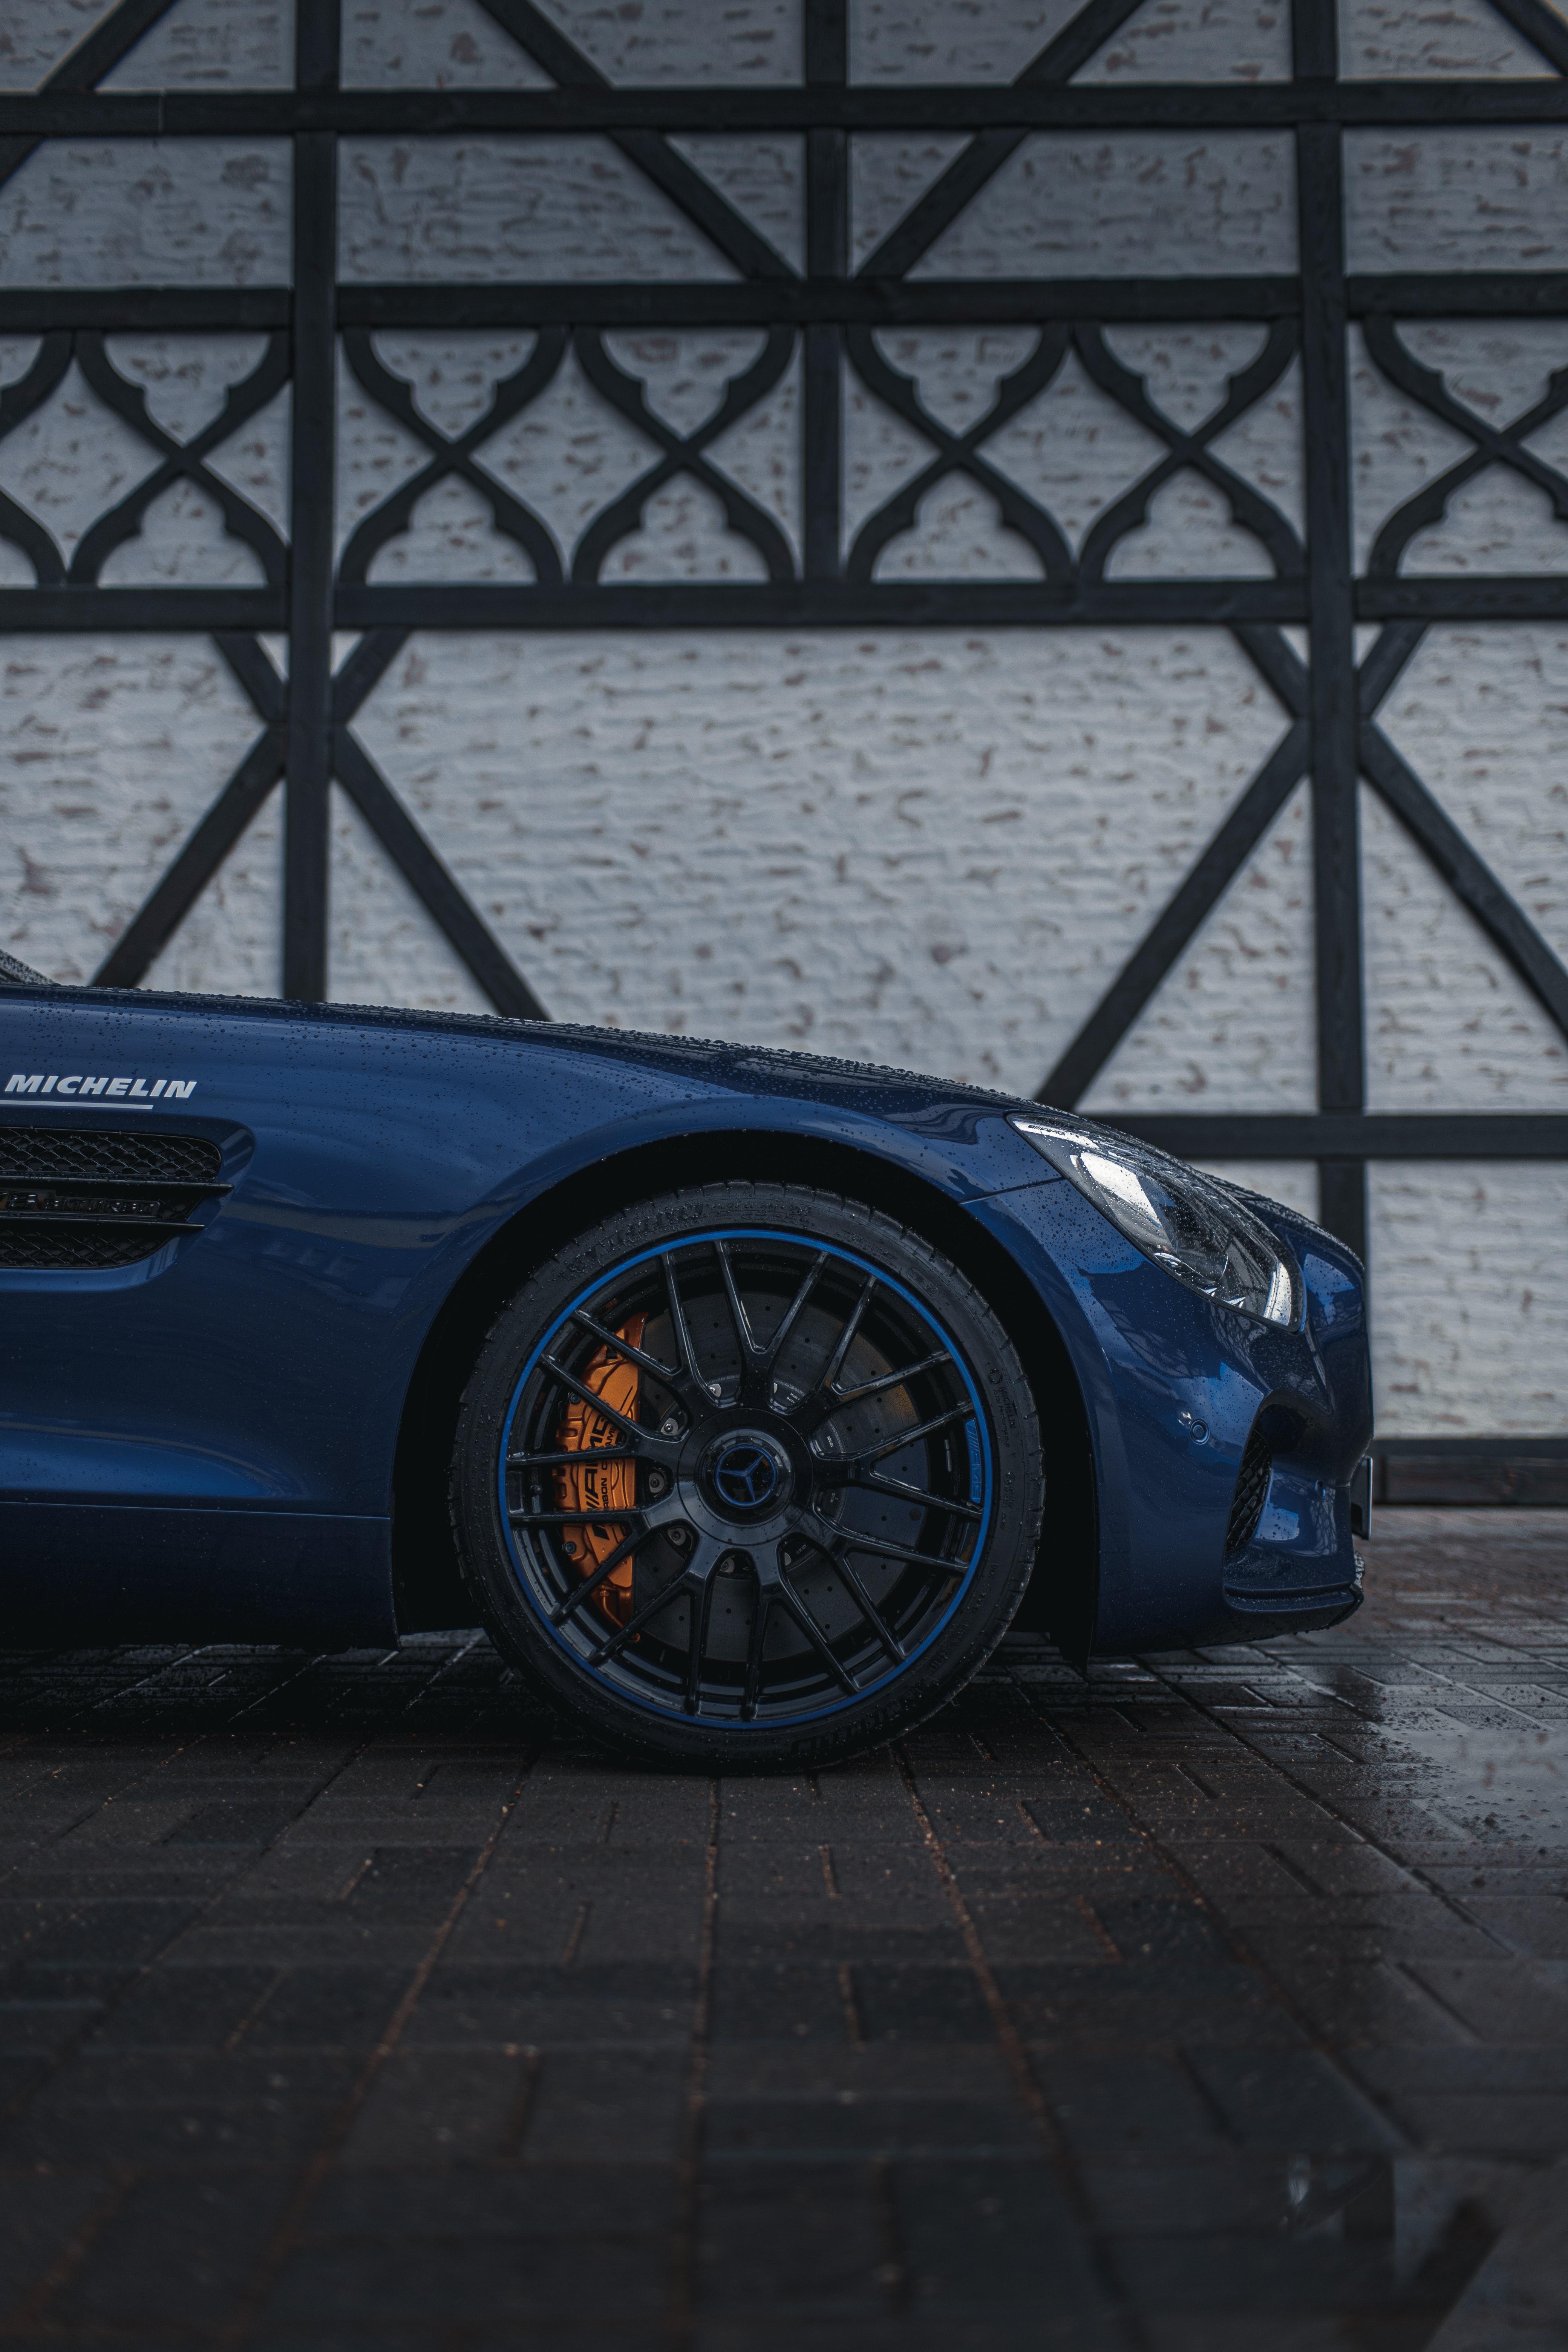 141125 Hintergrundbild herunterladen Auto, Mercedes, Drops, Cars, Nass, Wagen, Rad - Bildschirmschoner und Bilder kostenlos